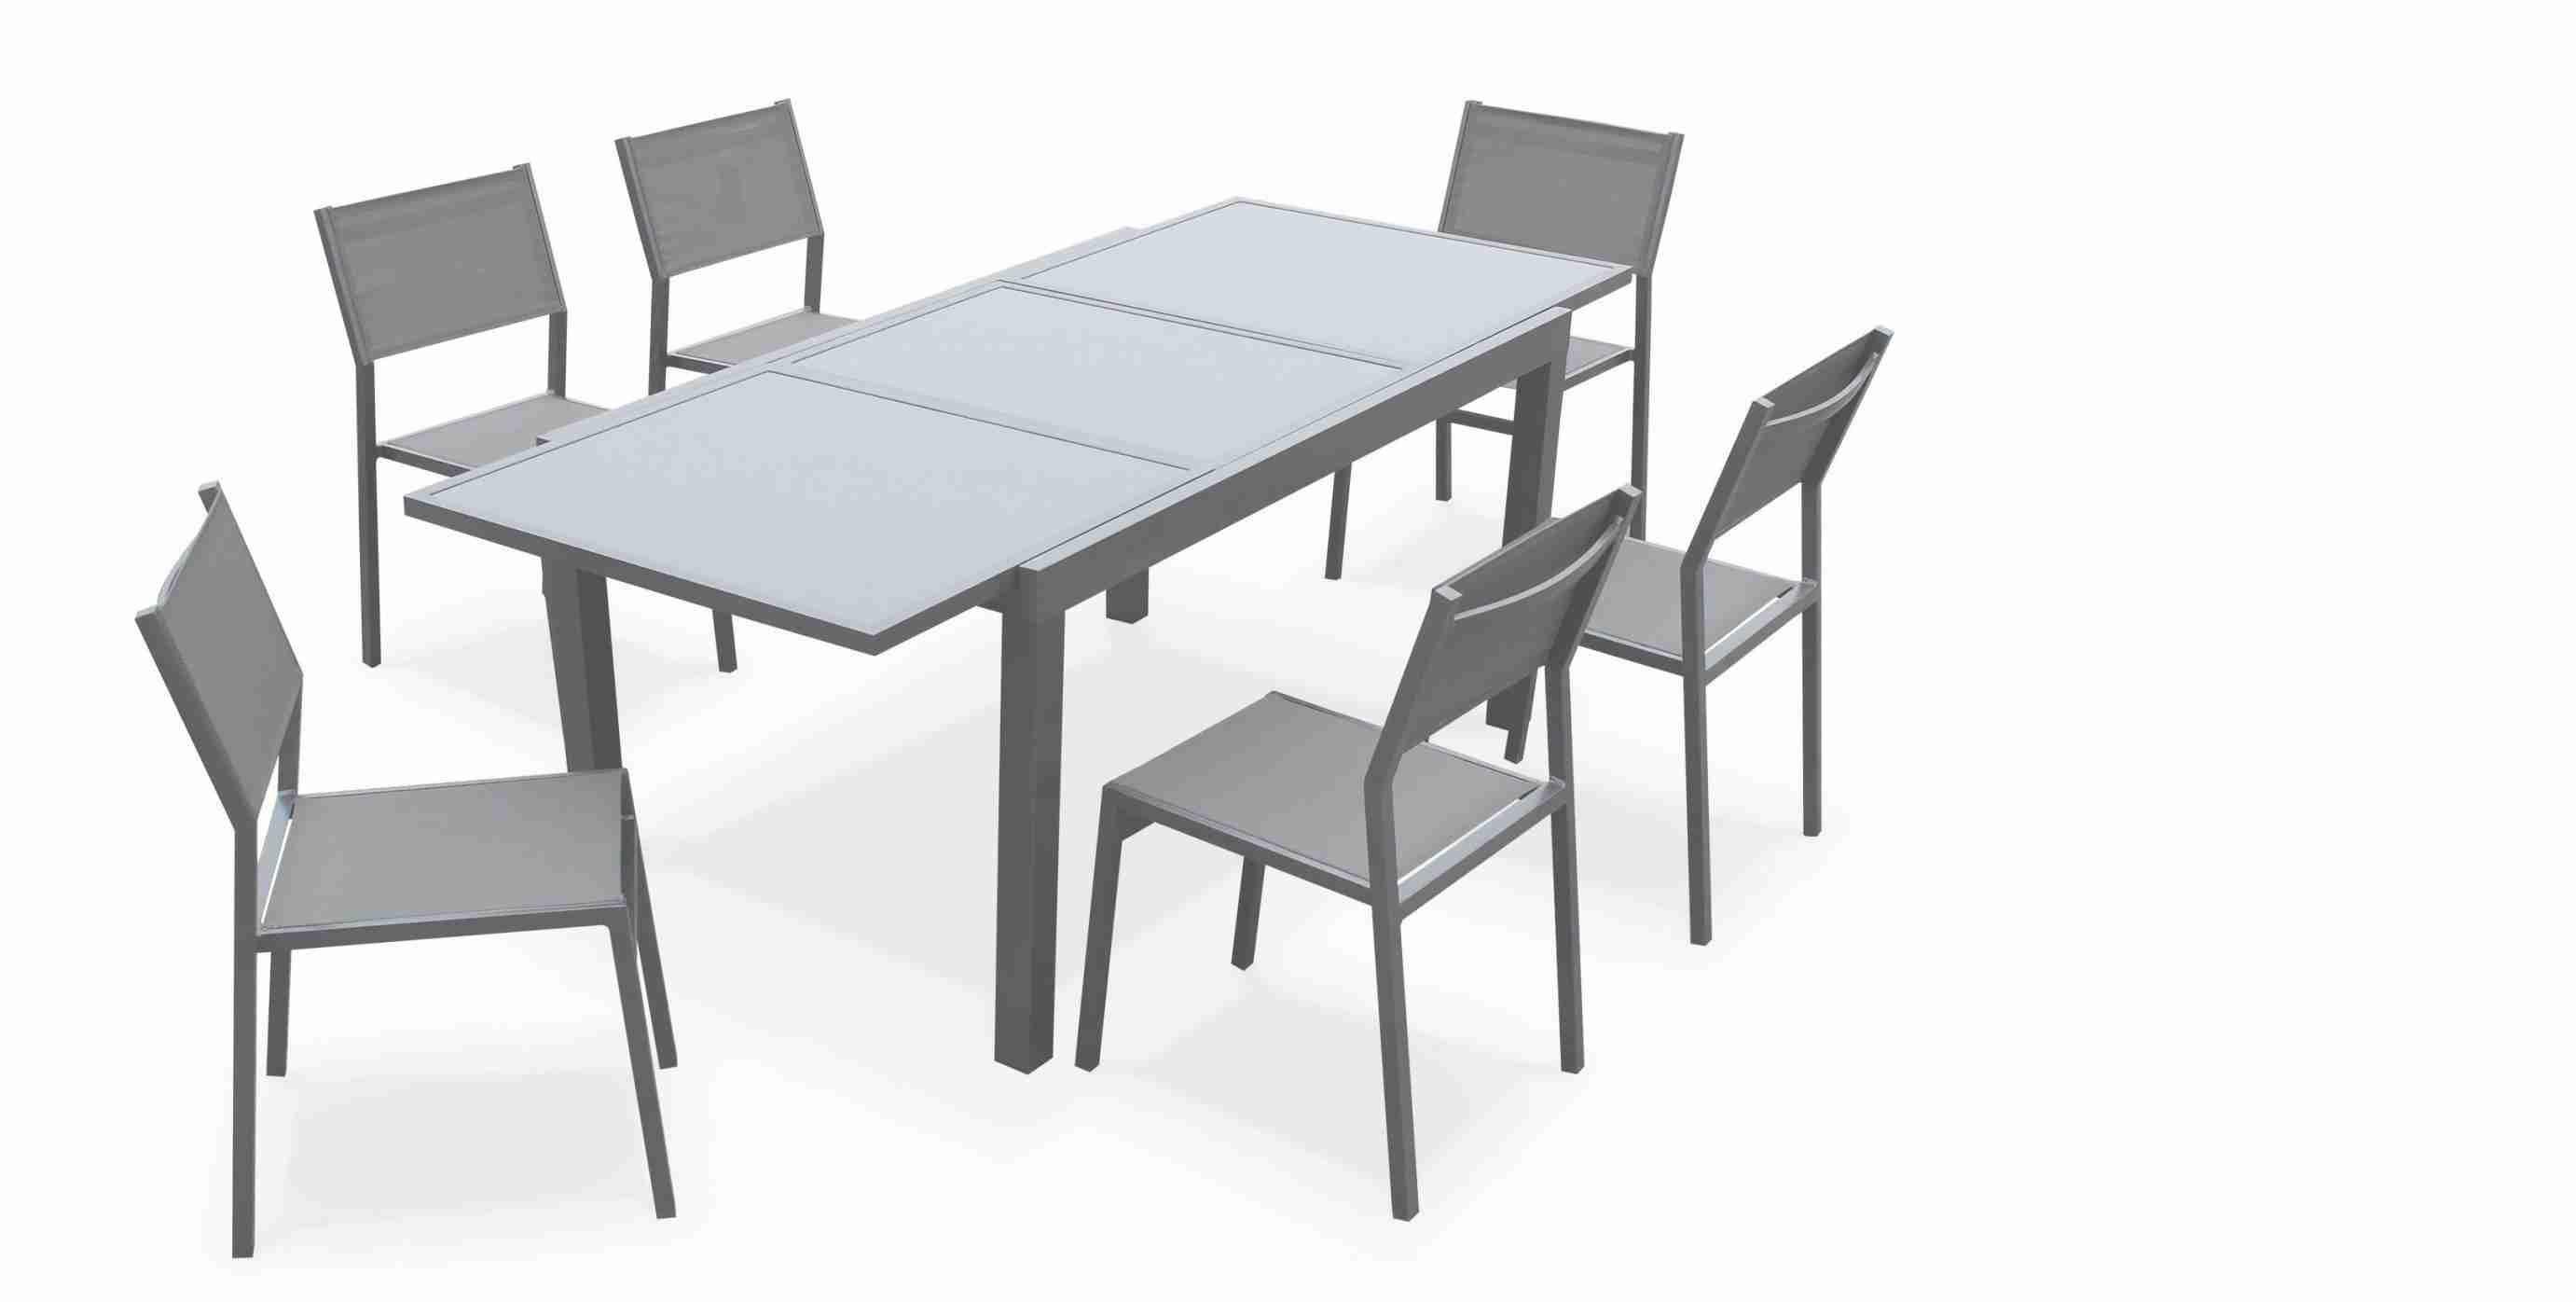 39 Cher Table De Jardin Avec Chaise Pas Cher Di 2020 destiné Table Et Chaises De Jardin Pas Cher